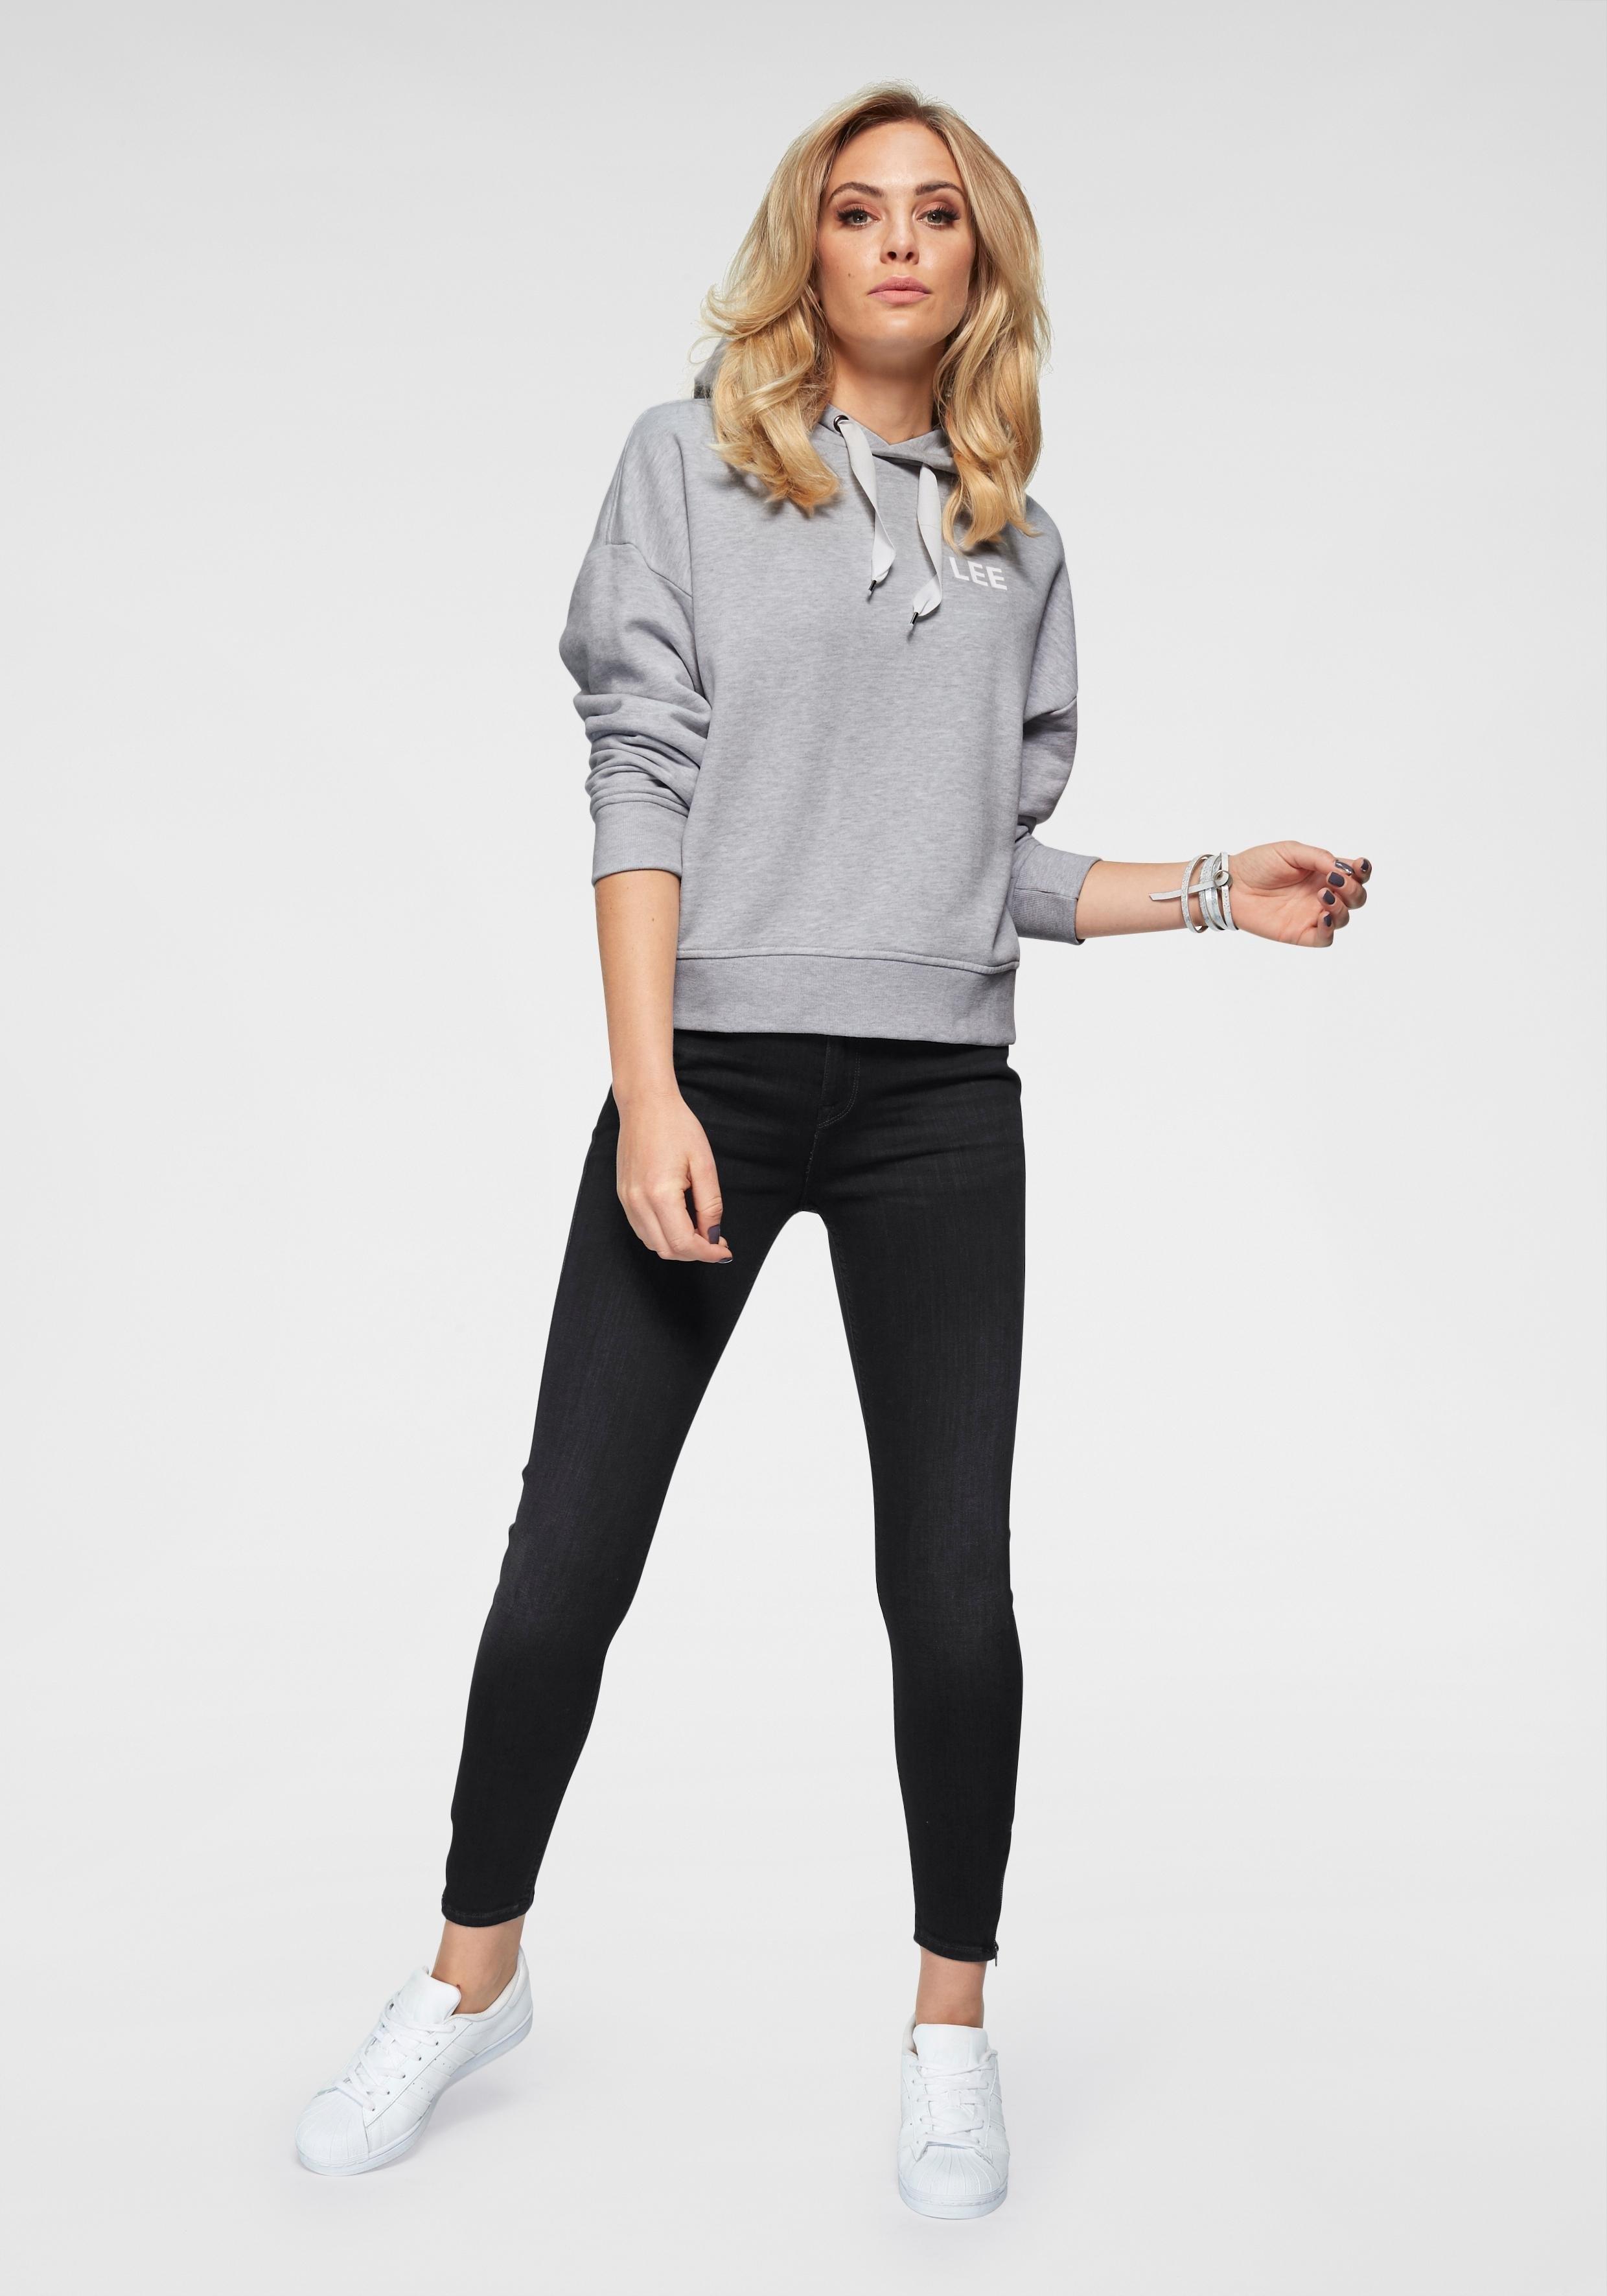 Jeansscarlett Fit Bestellen Skinny High Online Lee® IWD29beEYH